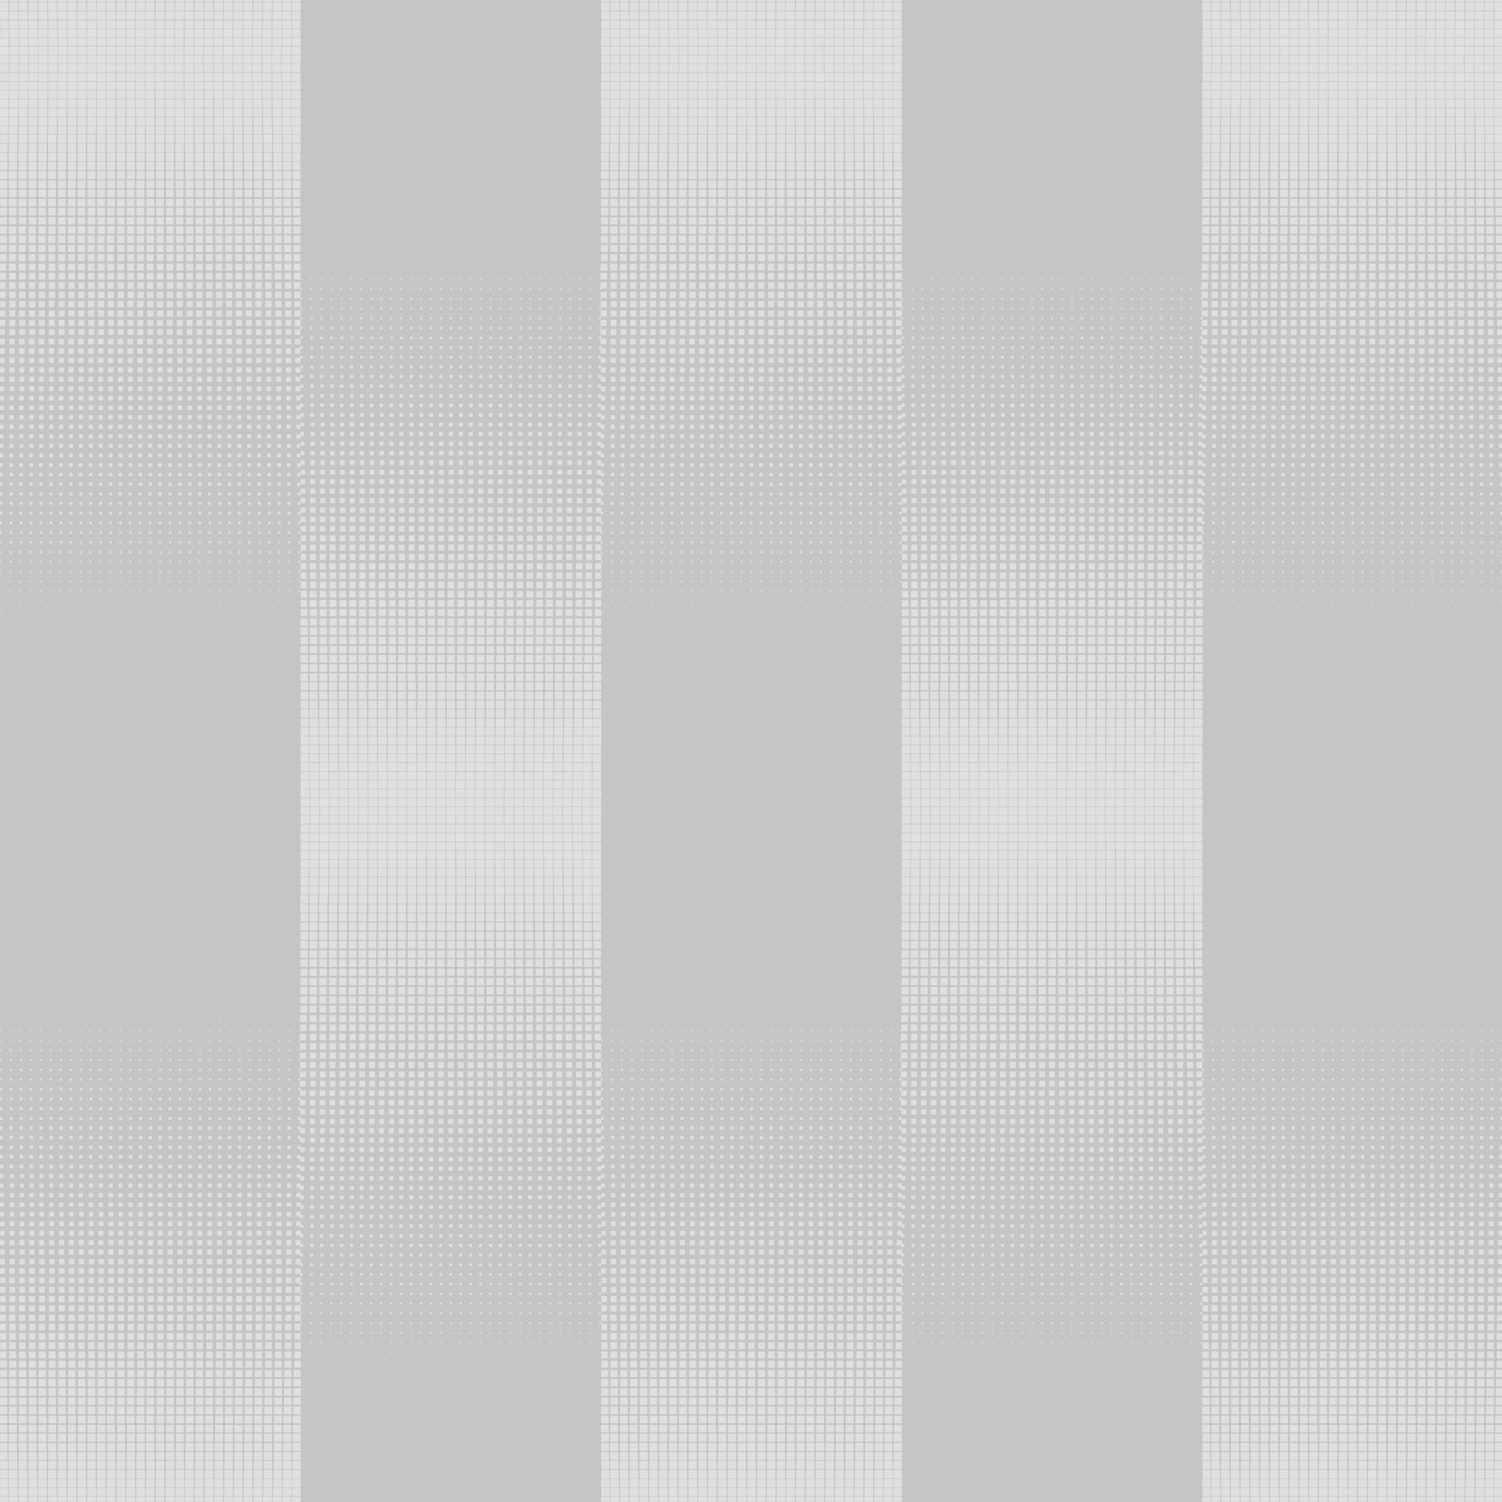 Papel de Parede Kan Tai Vinílico Coleção Neonature 5 Listras Cinza, Marrom claro, Brilho